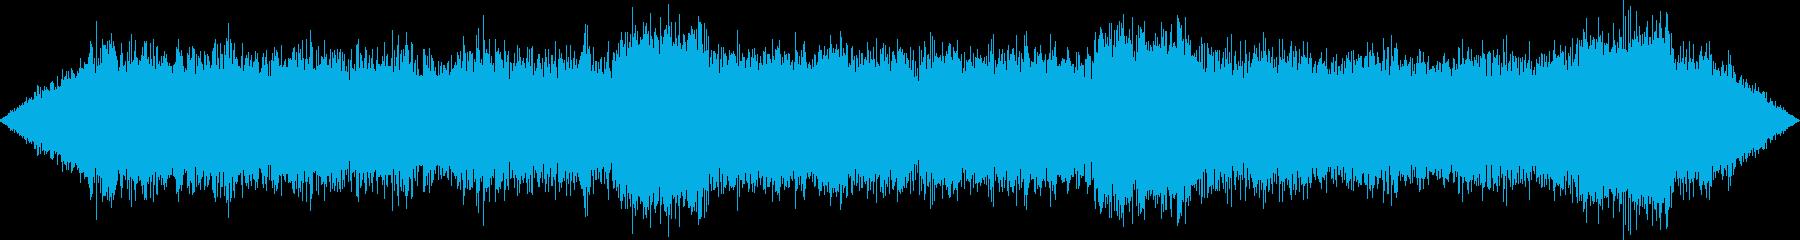 ダークアンビエント_06 リンリンの再生済みの波形